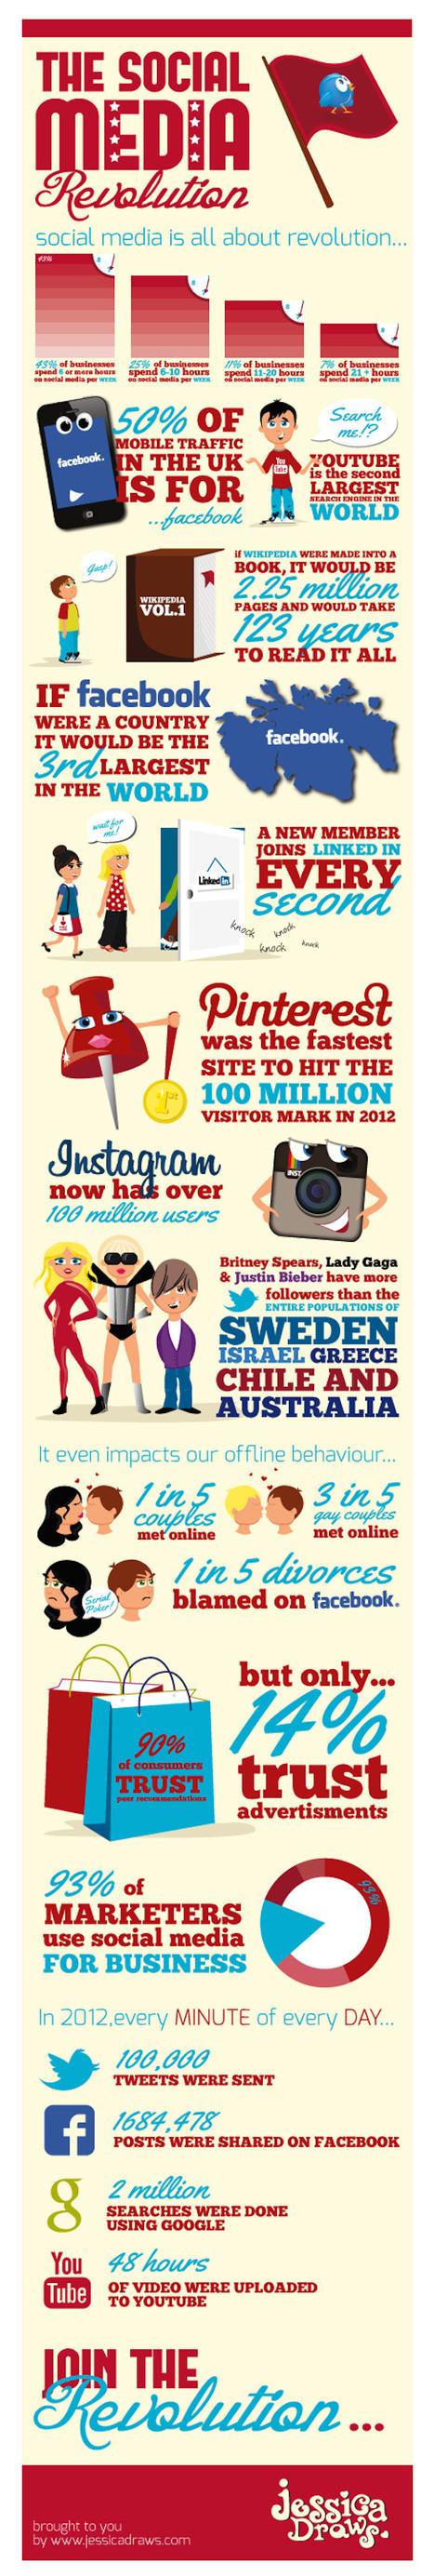 [Infographie] L'année 2012 des réseaux sociaux en chiffres - FrenchWeb.fr | Infographies social media | Scoop.it